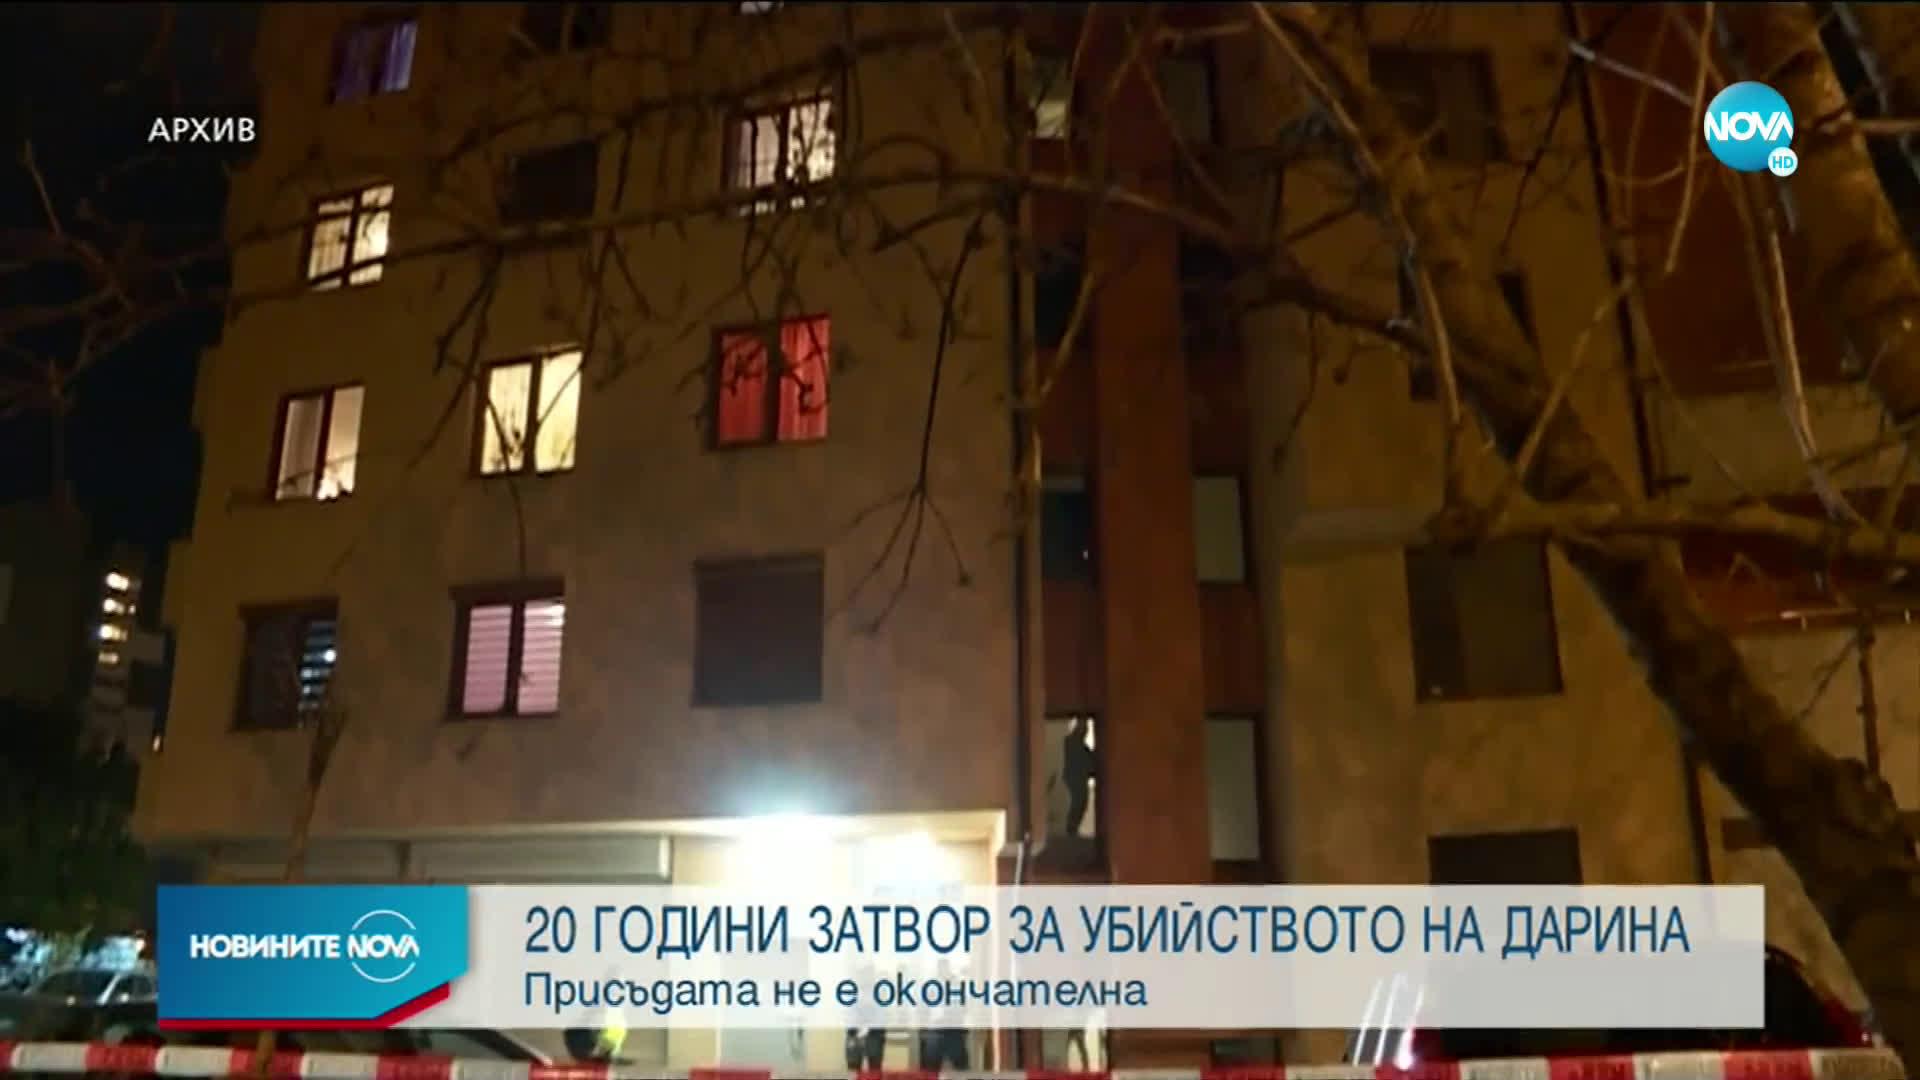 20 г. затвор за Викторио Александров